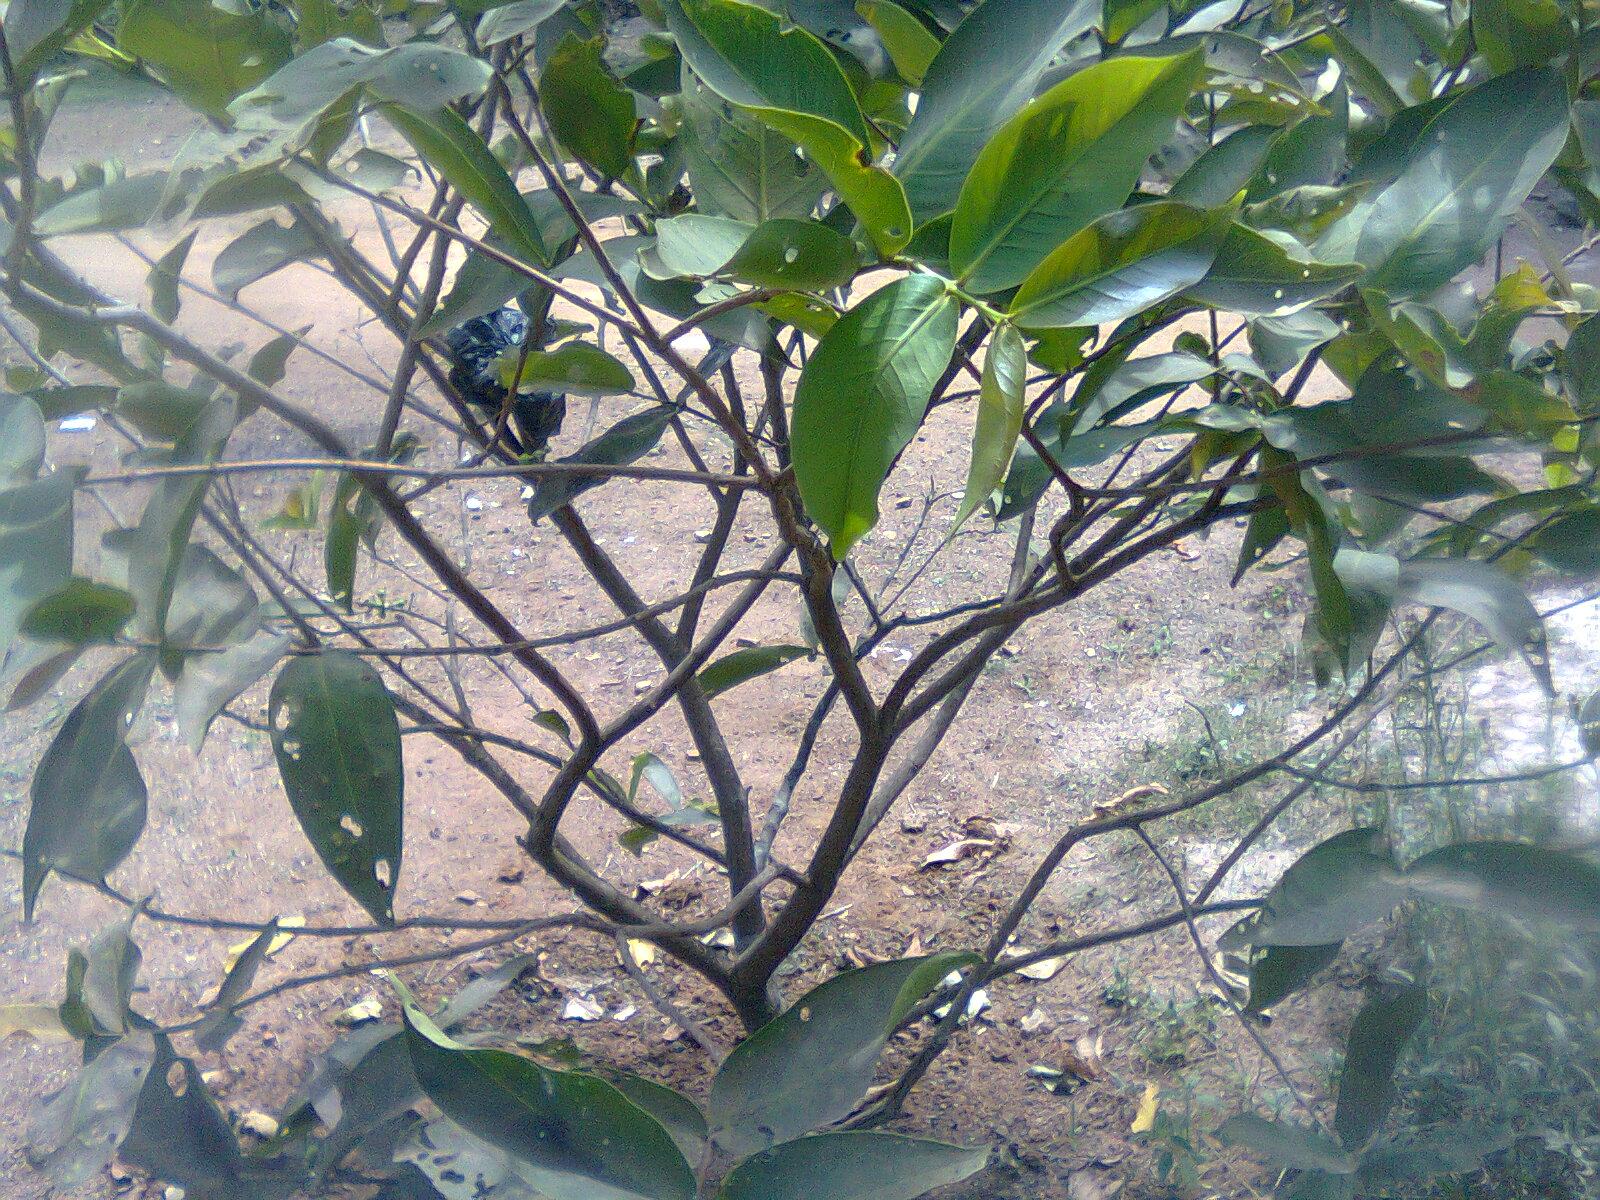 budidaya jambu dari batang cangkokan agar berbuah lebat